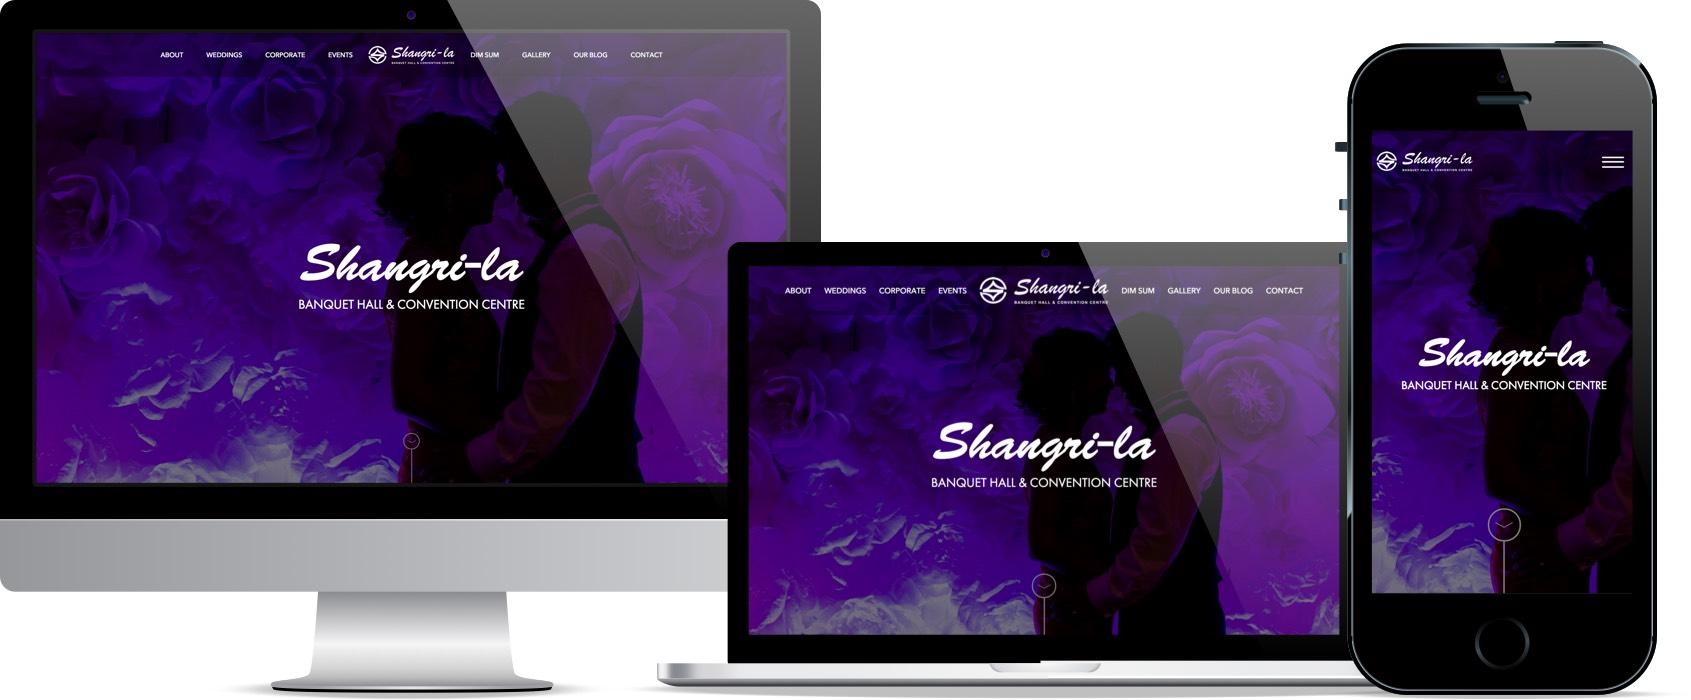 img-project-shangrila